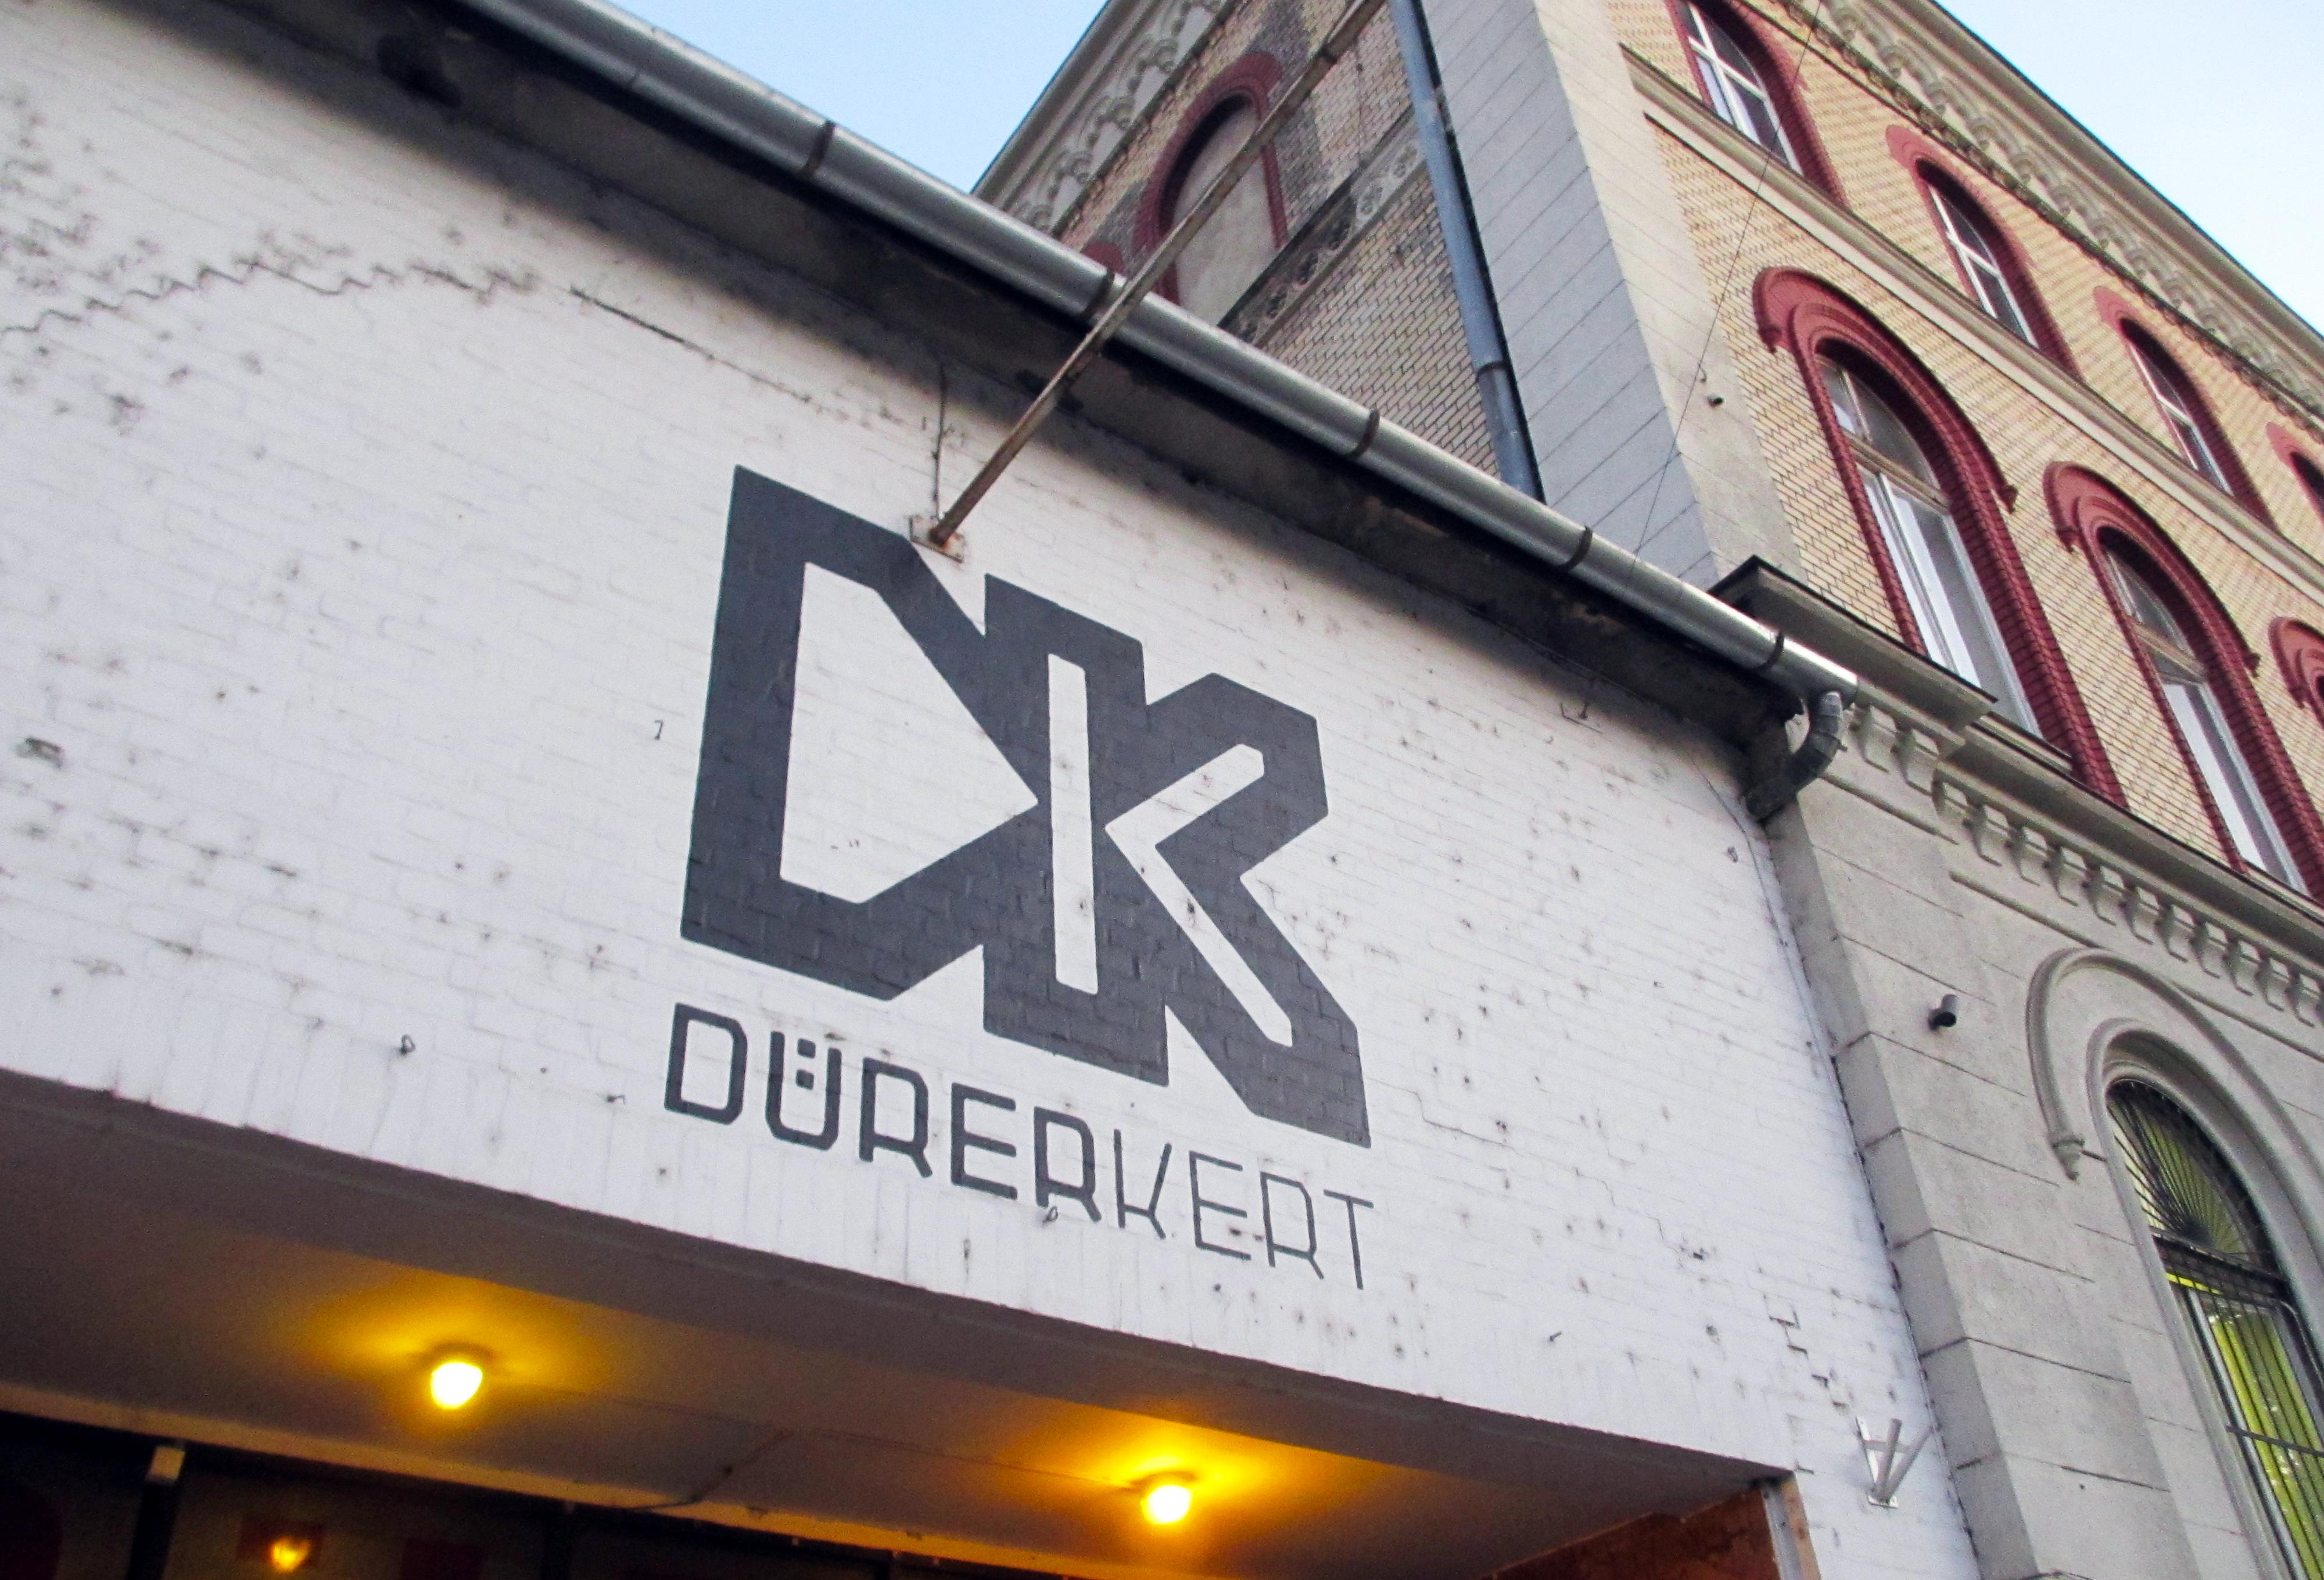 dk-bubapest